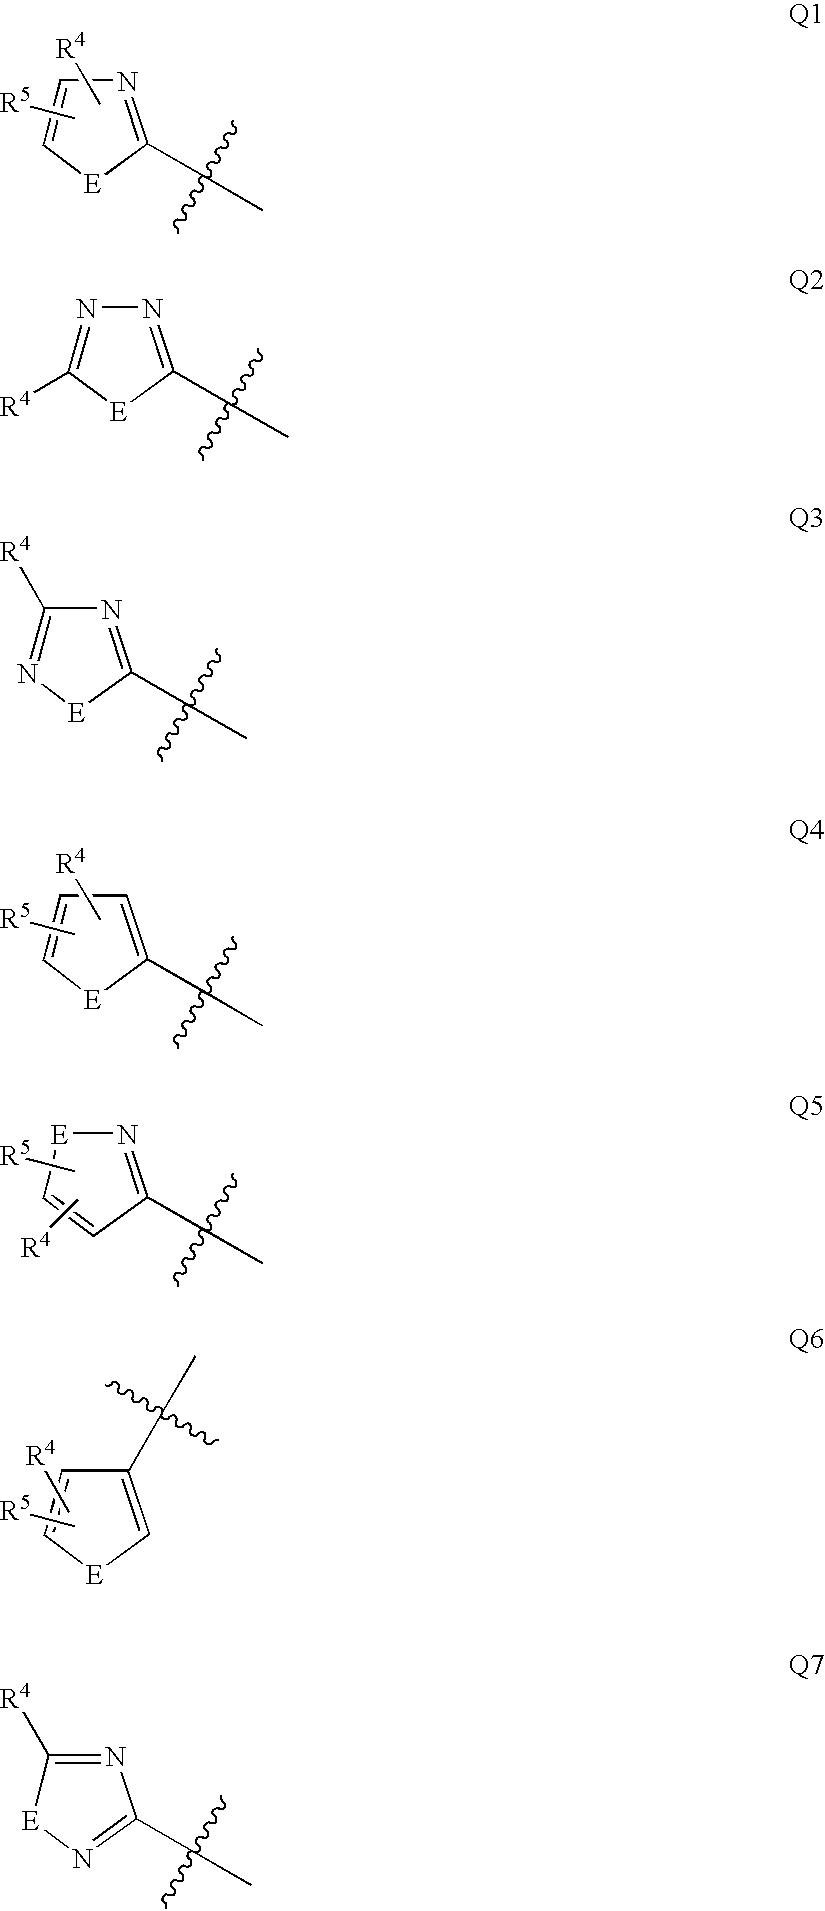 Figure US20070299074A1-20071227-C00005